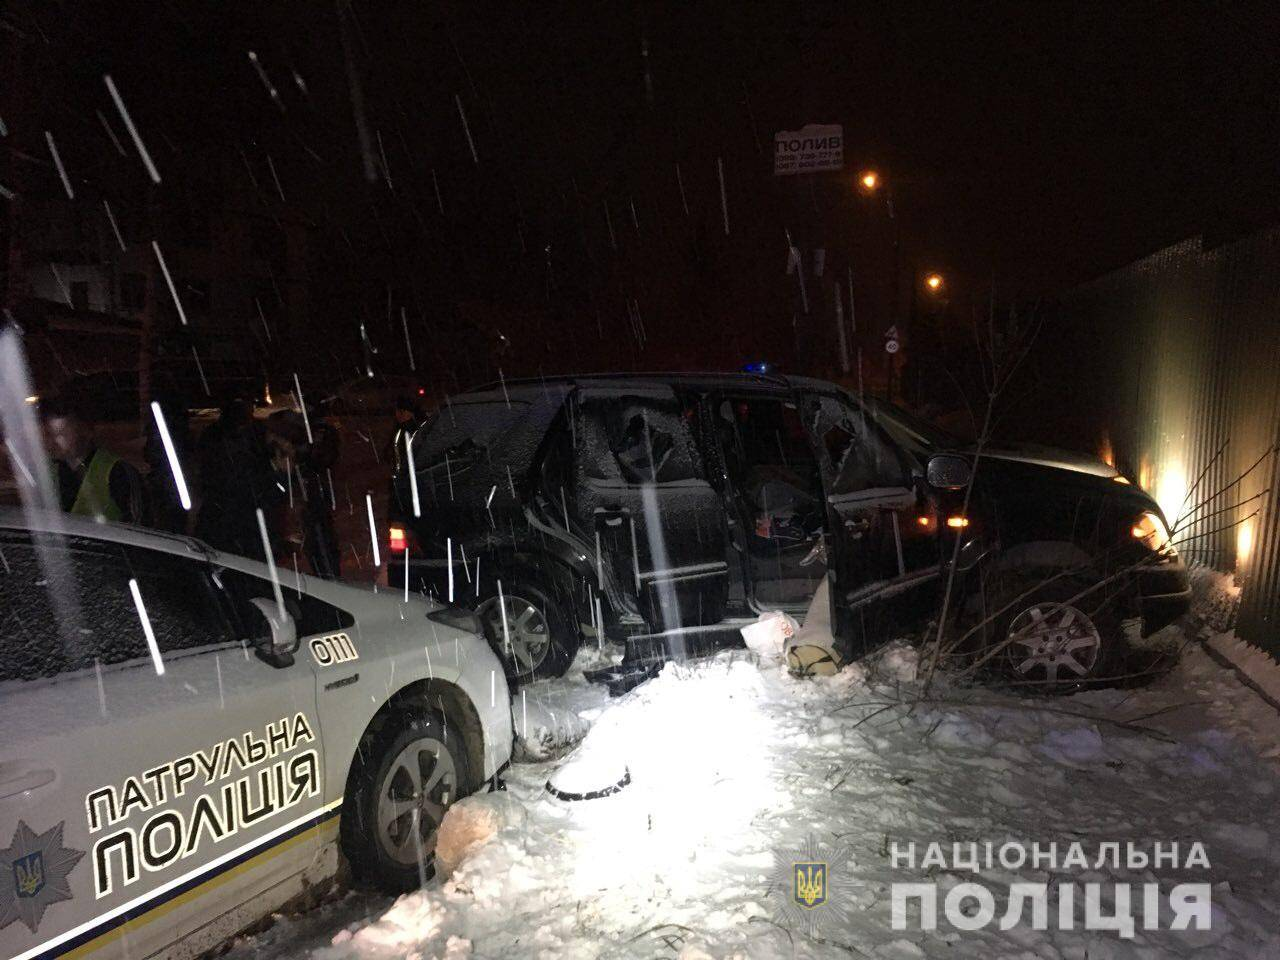 У Рівному поліція понад годину вела погоню за позашляховиком, водій якого таранив поліцейські авто